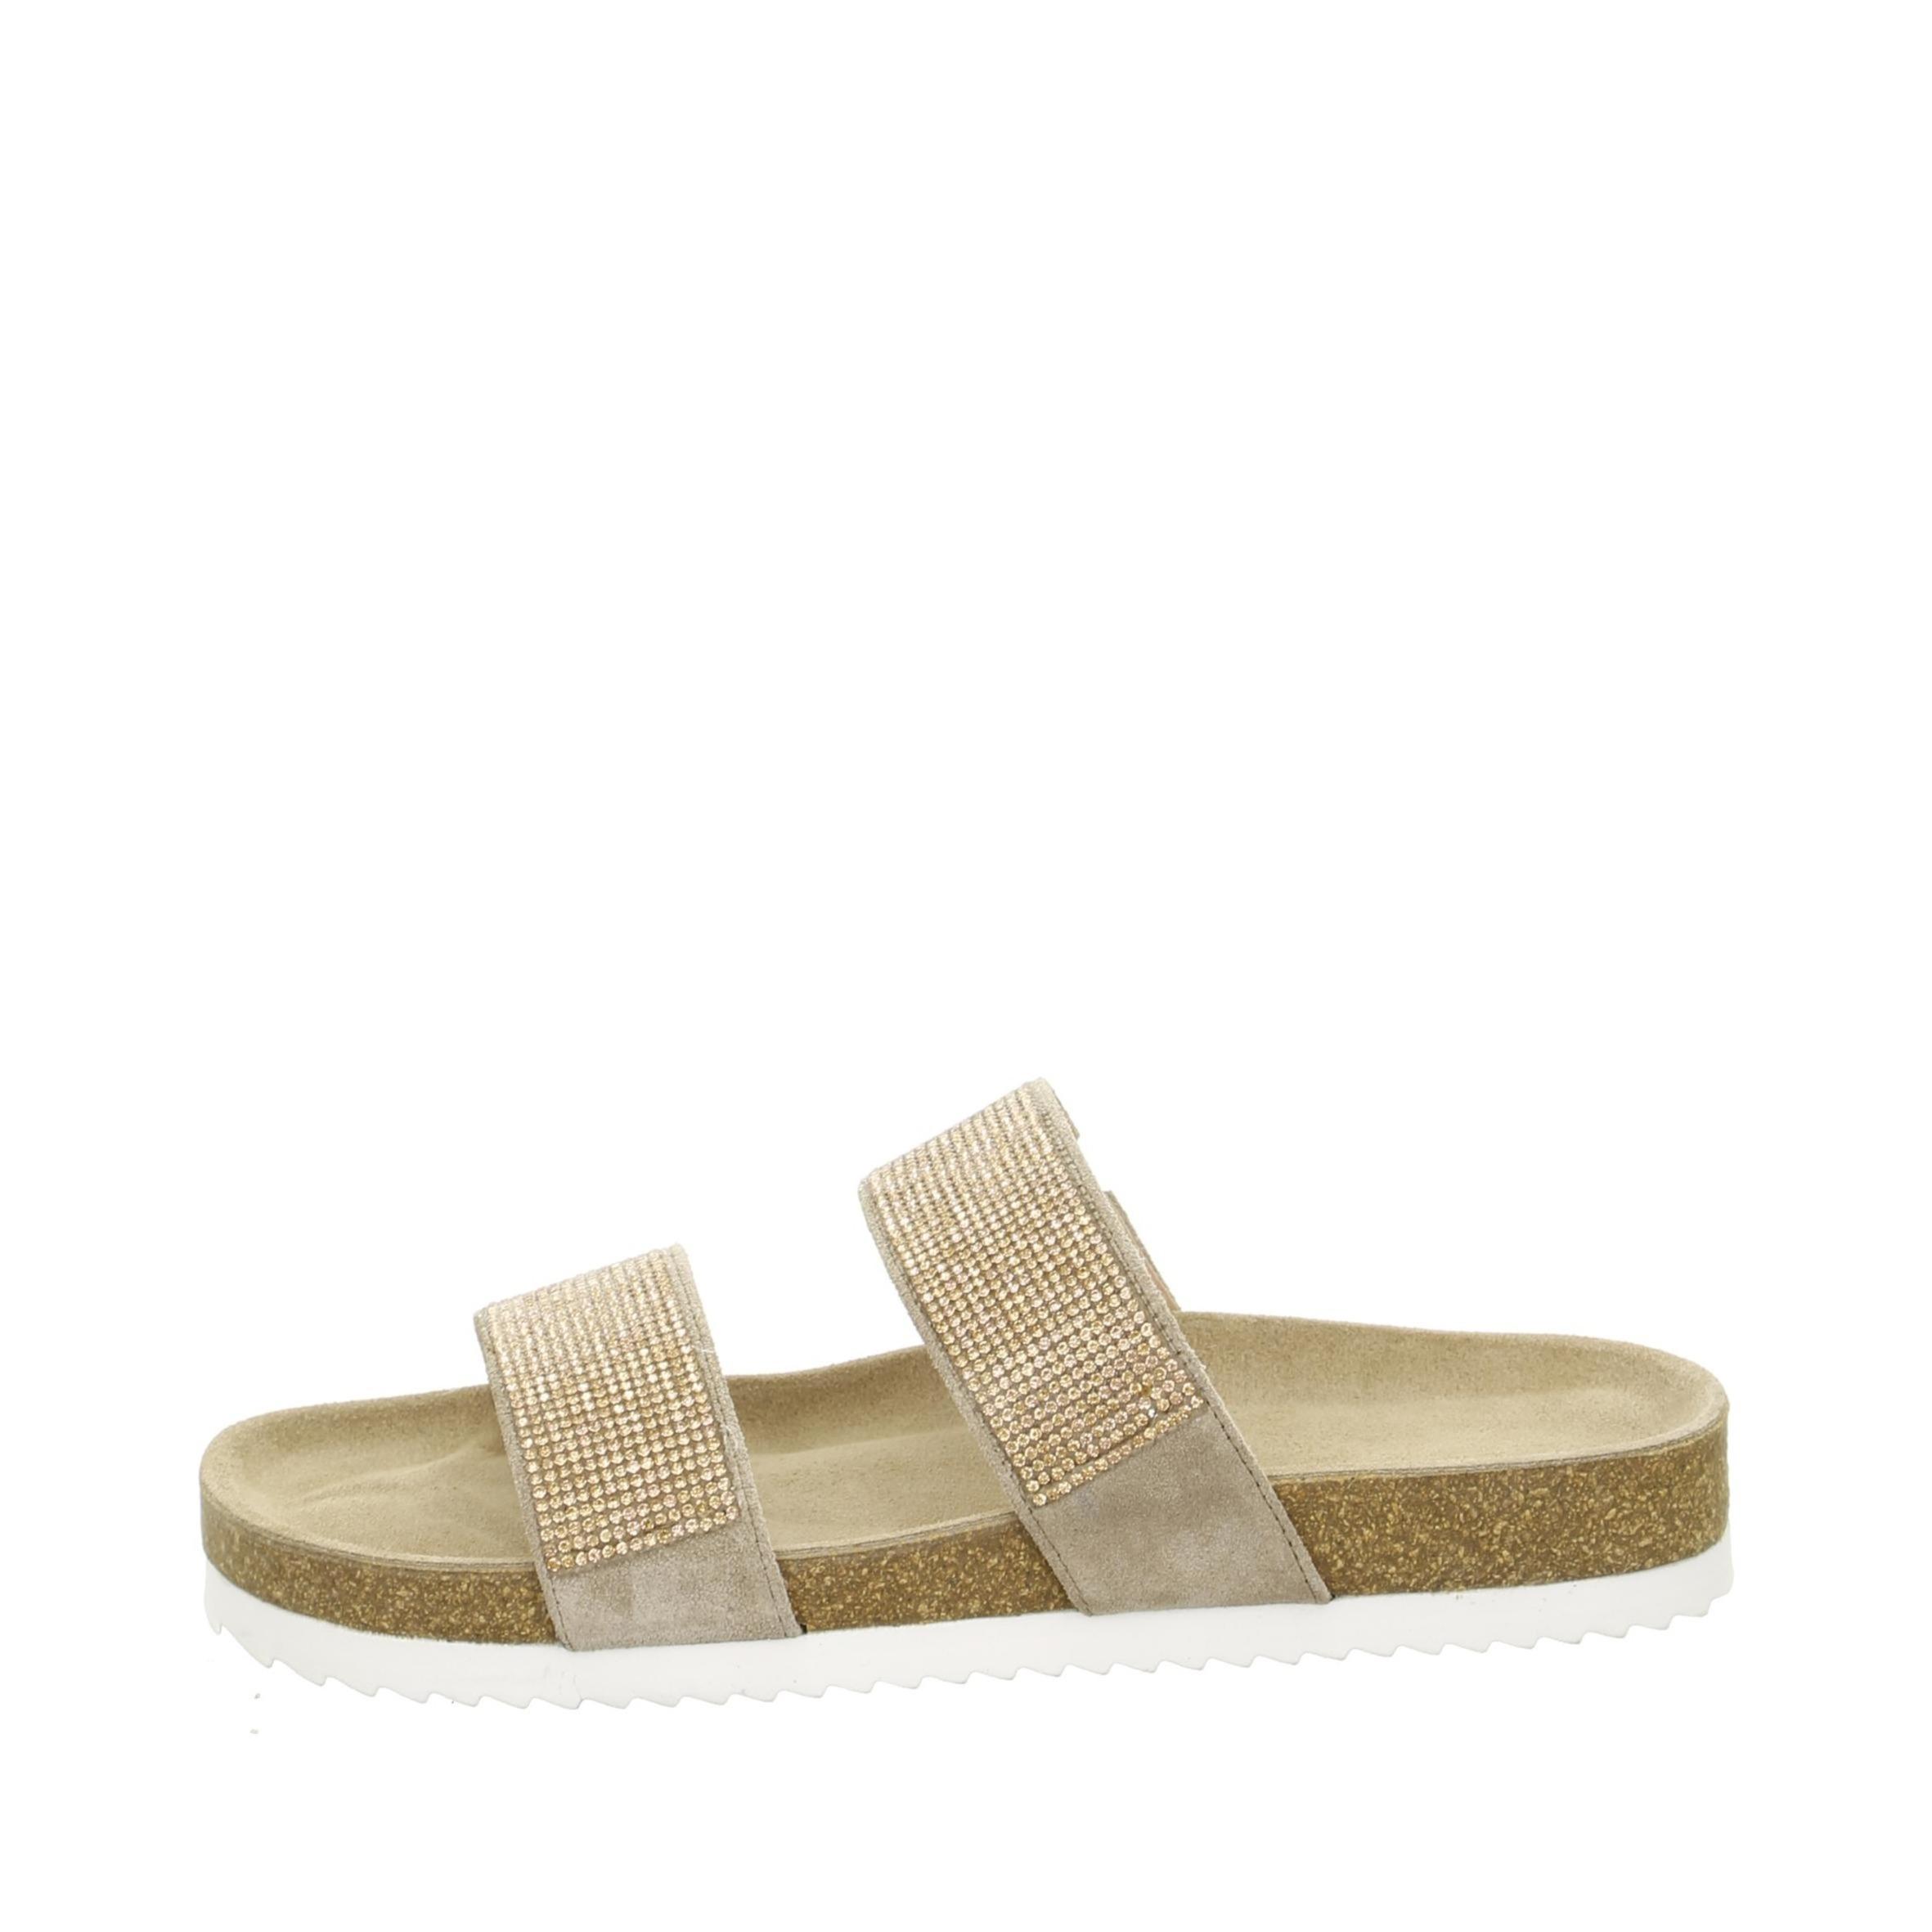 17734ea8d96a Soňa - Dámska obuv - Šľapky - Bledohnedé dámske šľapky